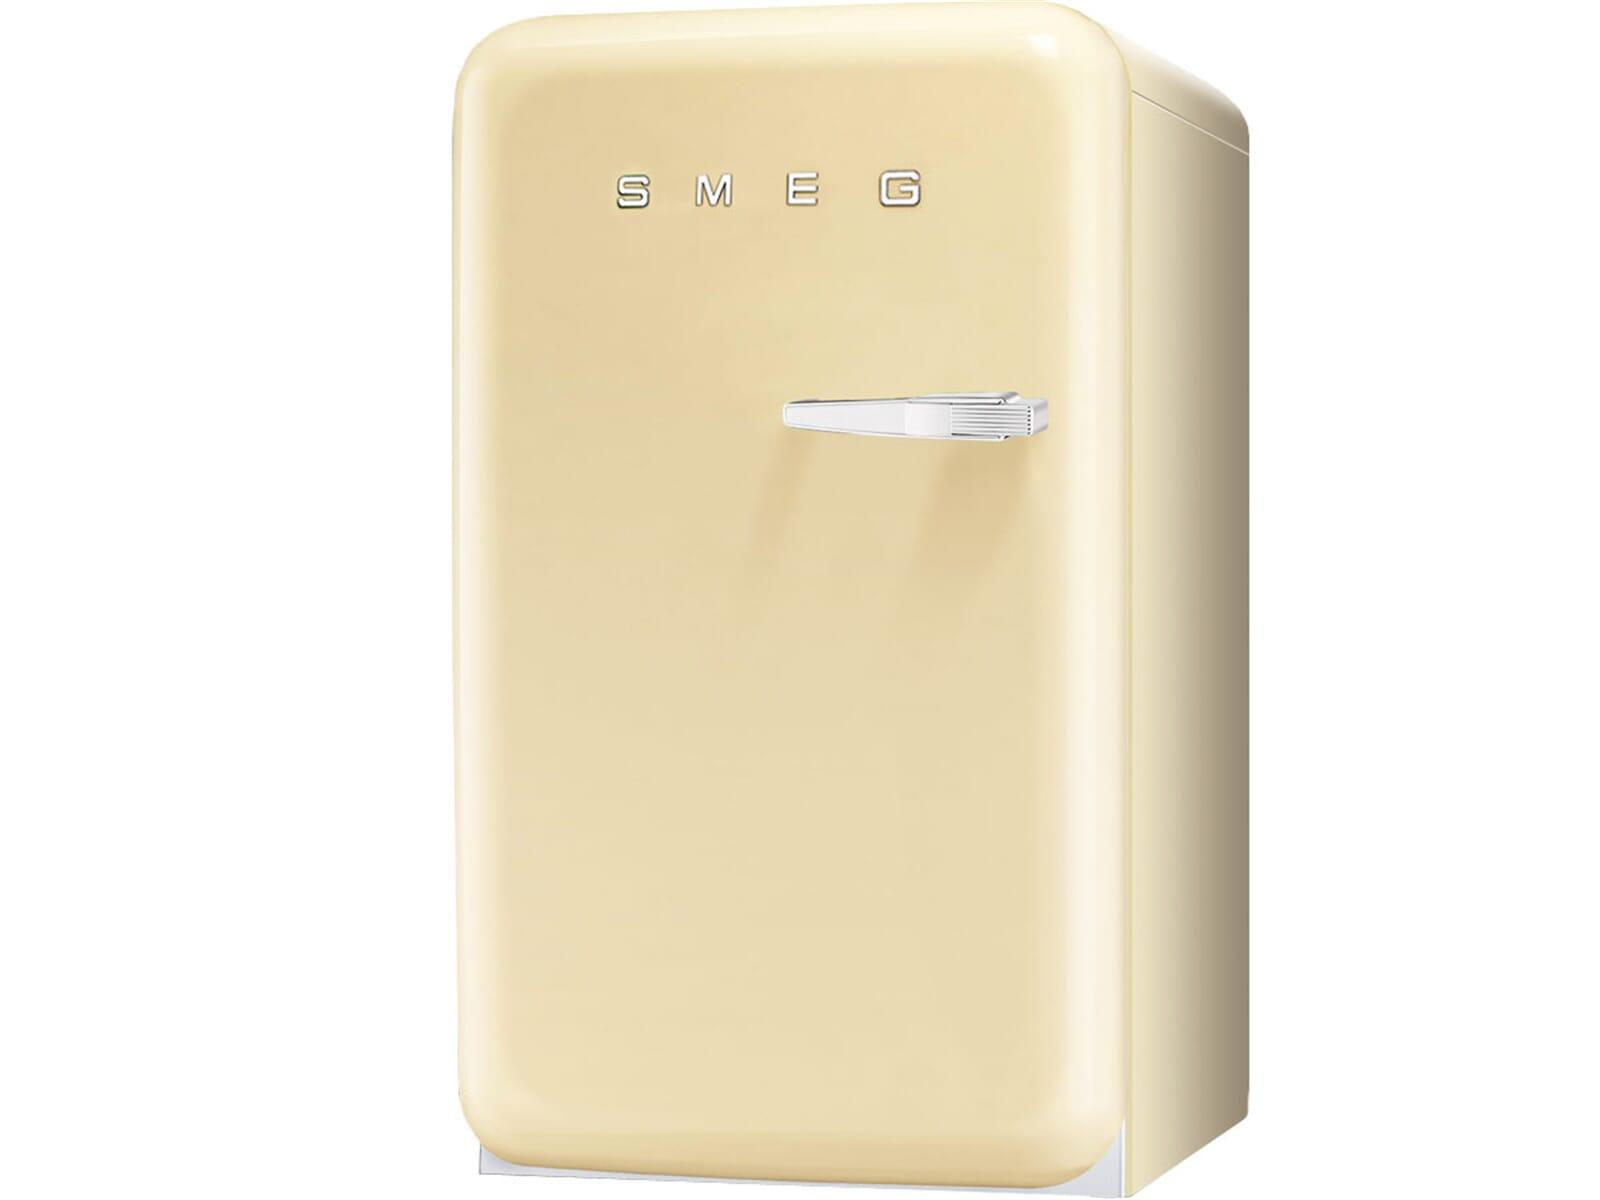 Gorenje Kühlschrank Creme : Kühlschrank retro günstig kühlschrank 70 cm breit frische haus ideen